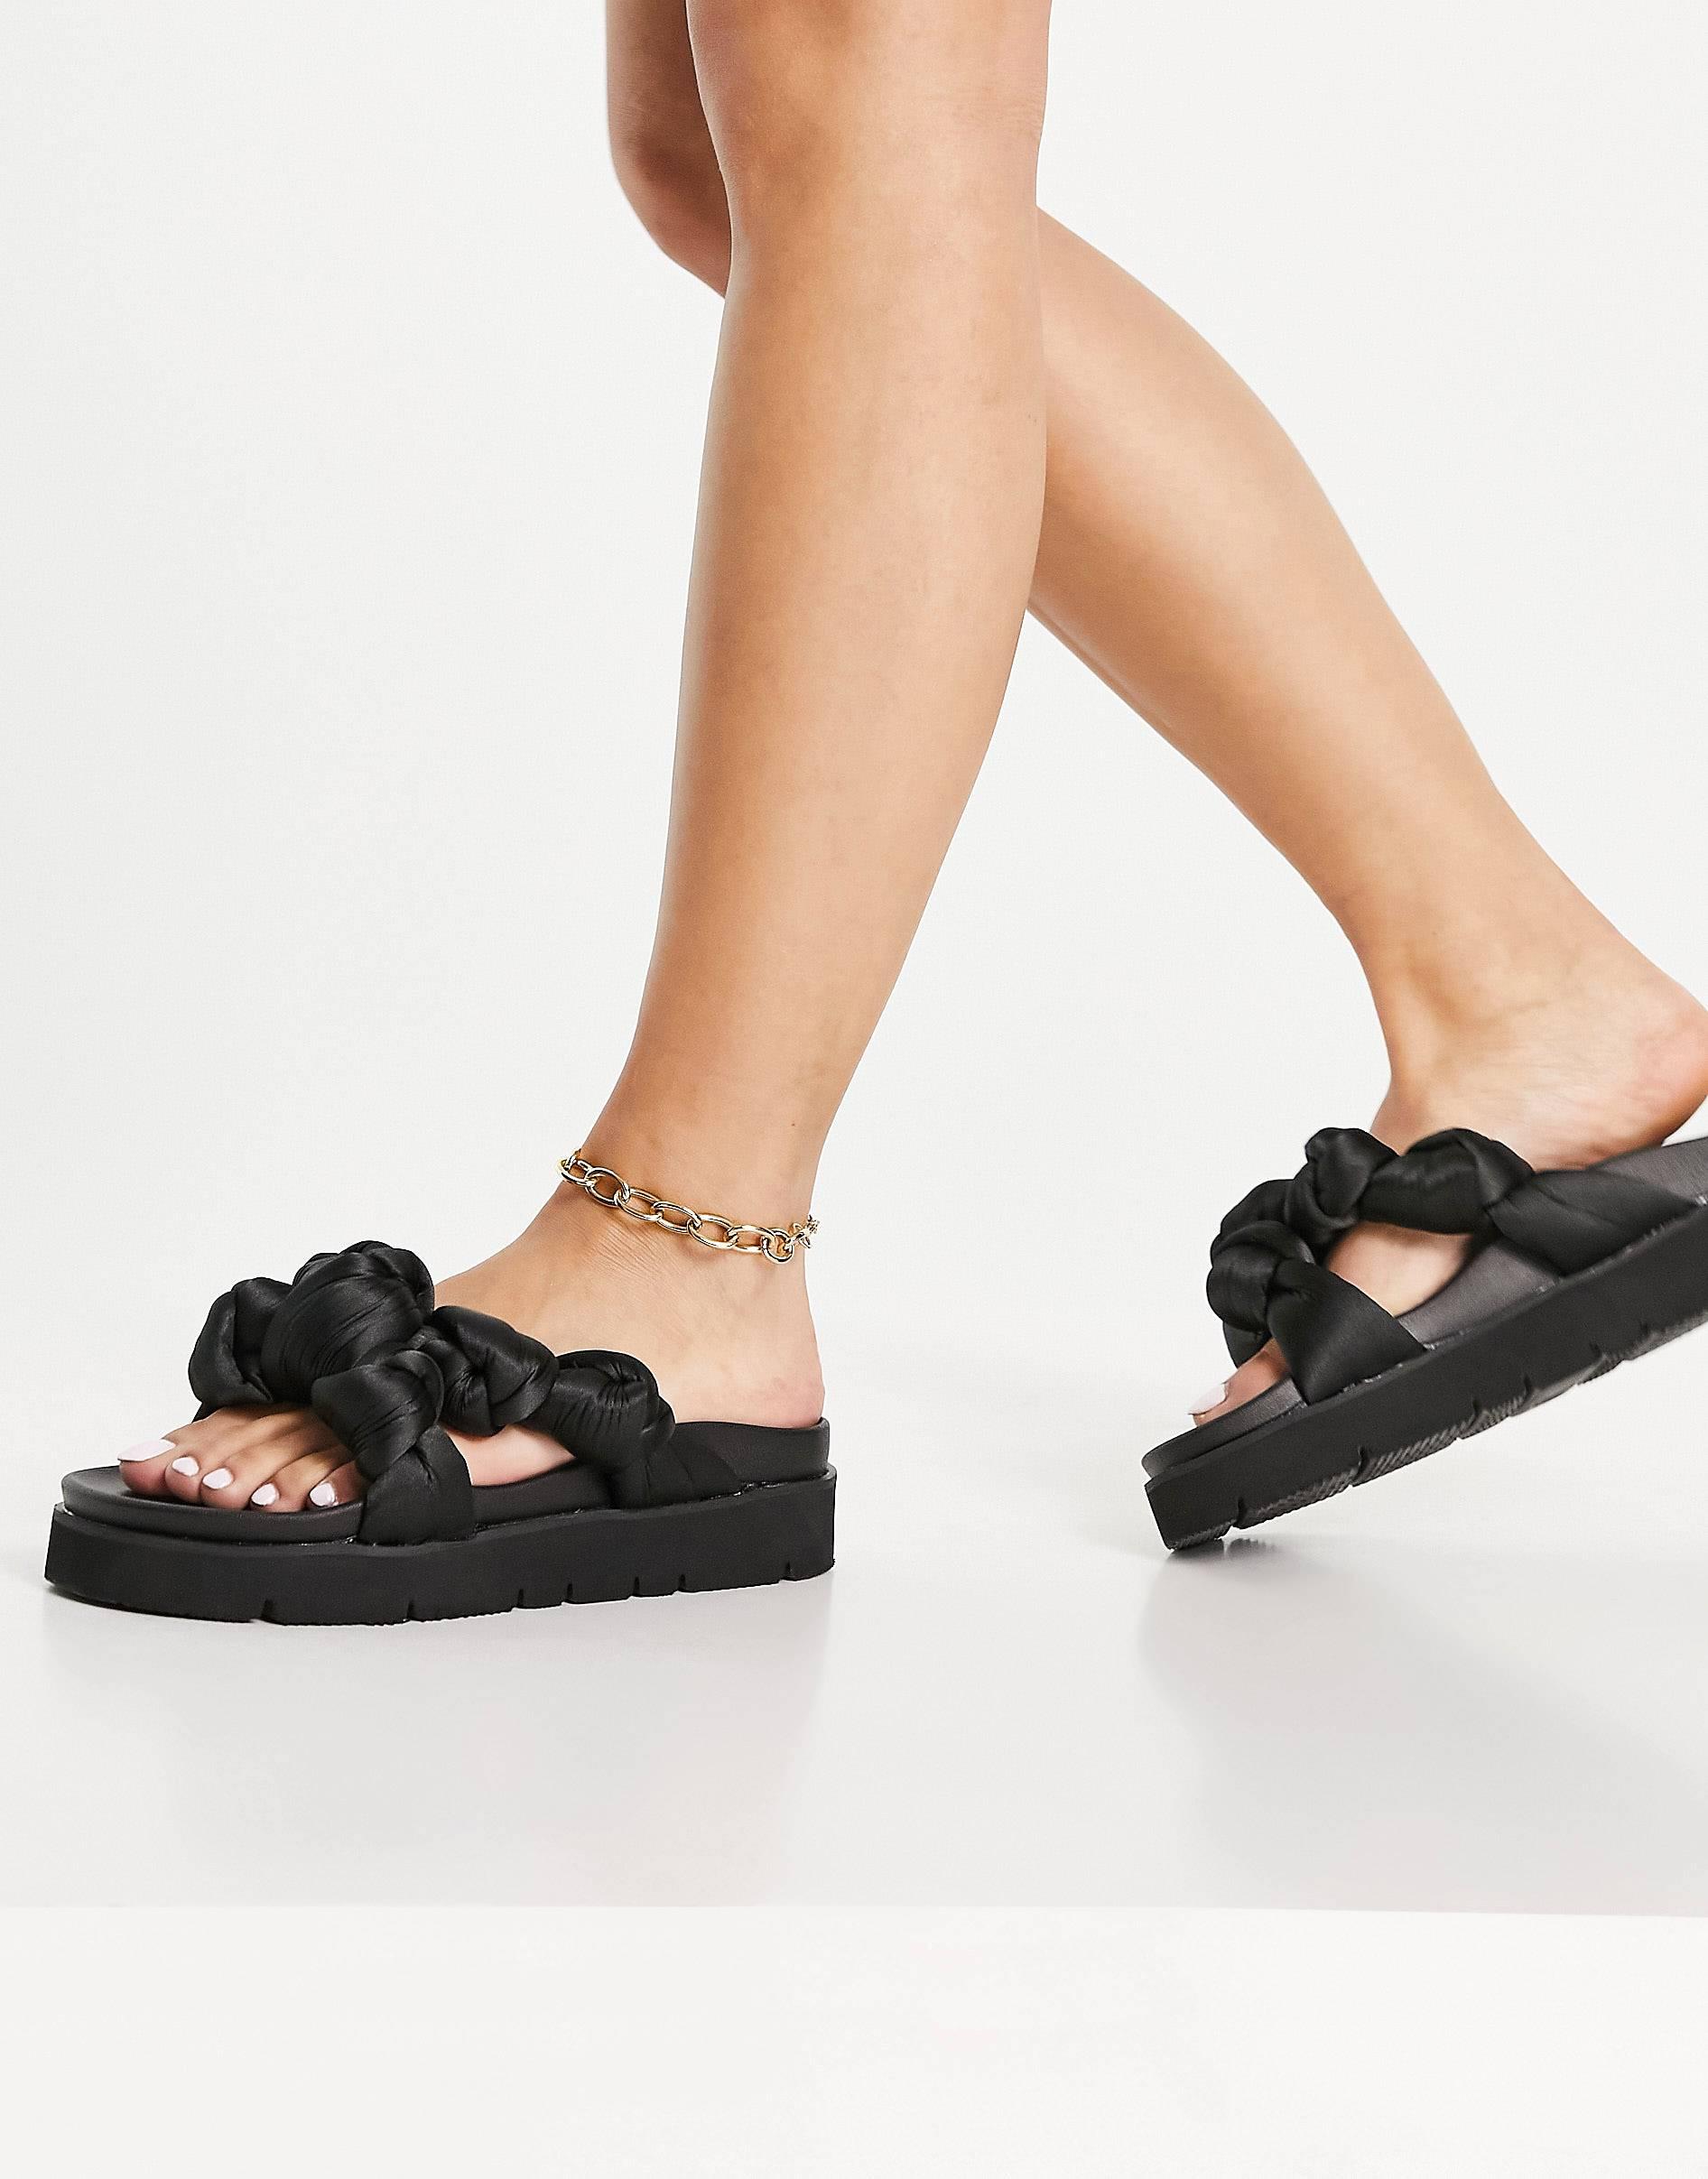 Sandalias negras con plataforma plana y diseño trenzado.